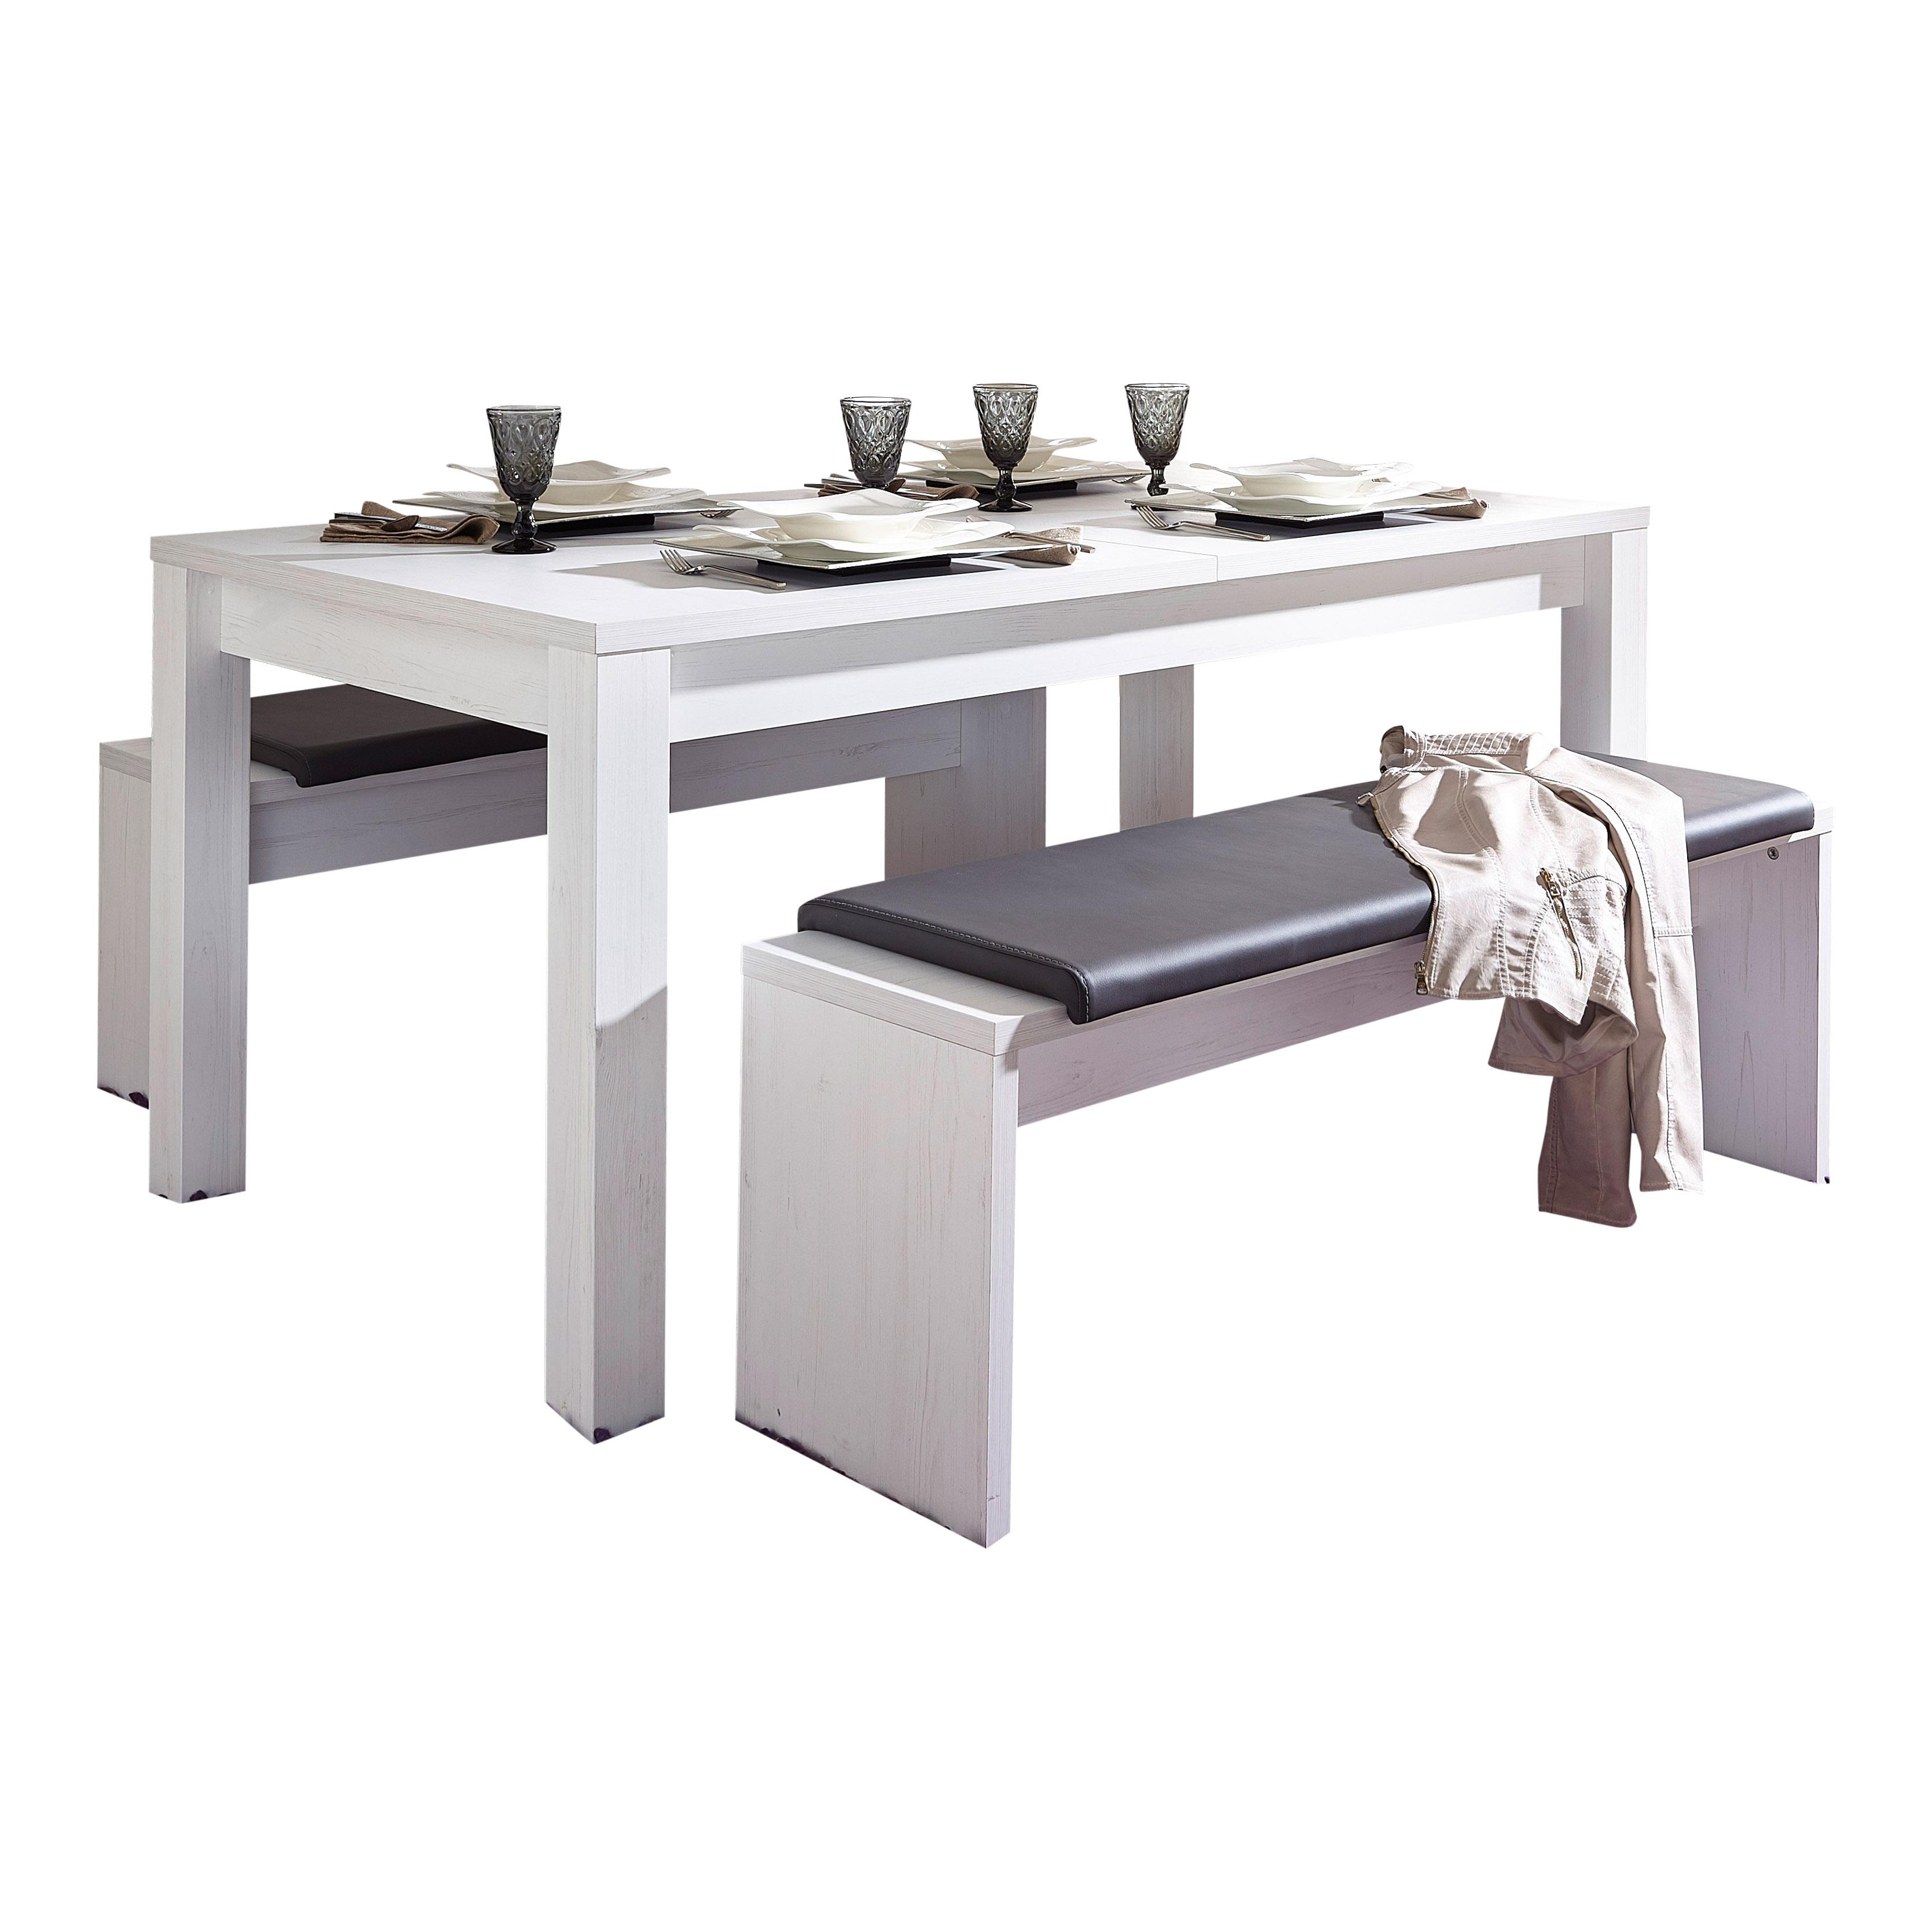 Essgruppe Tischgruppe Esstisch 160-240 cm Bank Pinie hell weiß | eBay